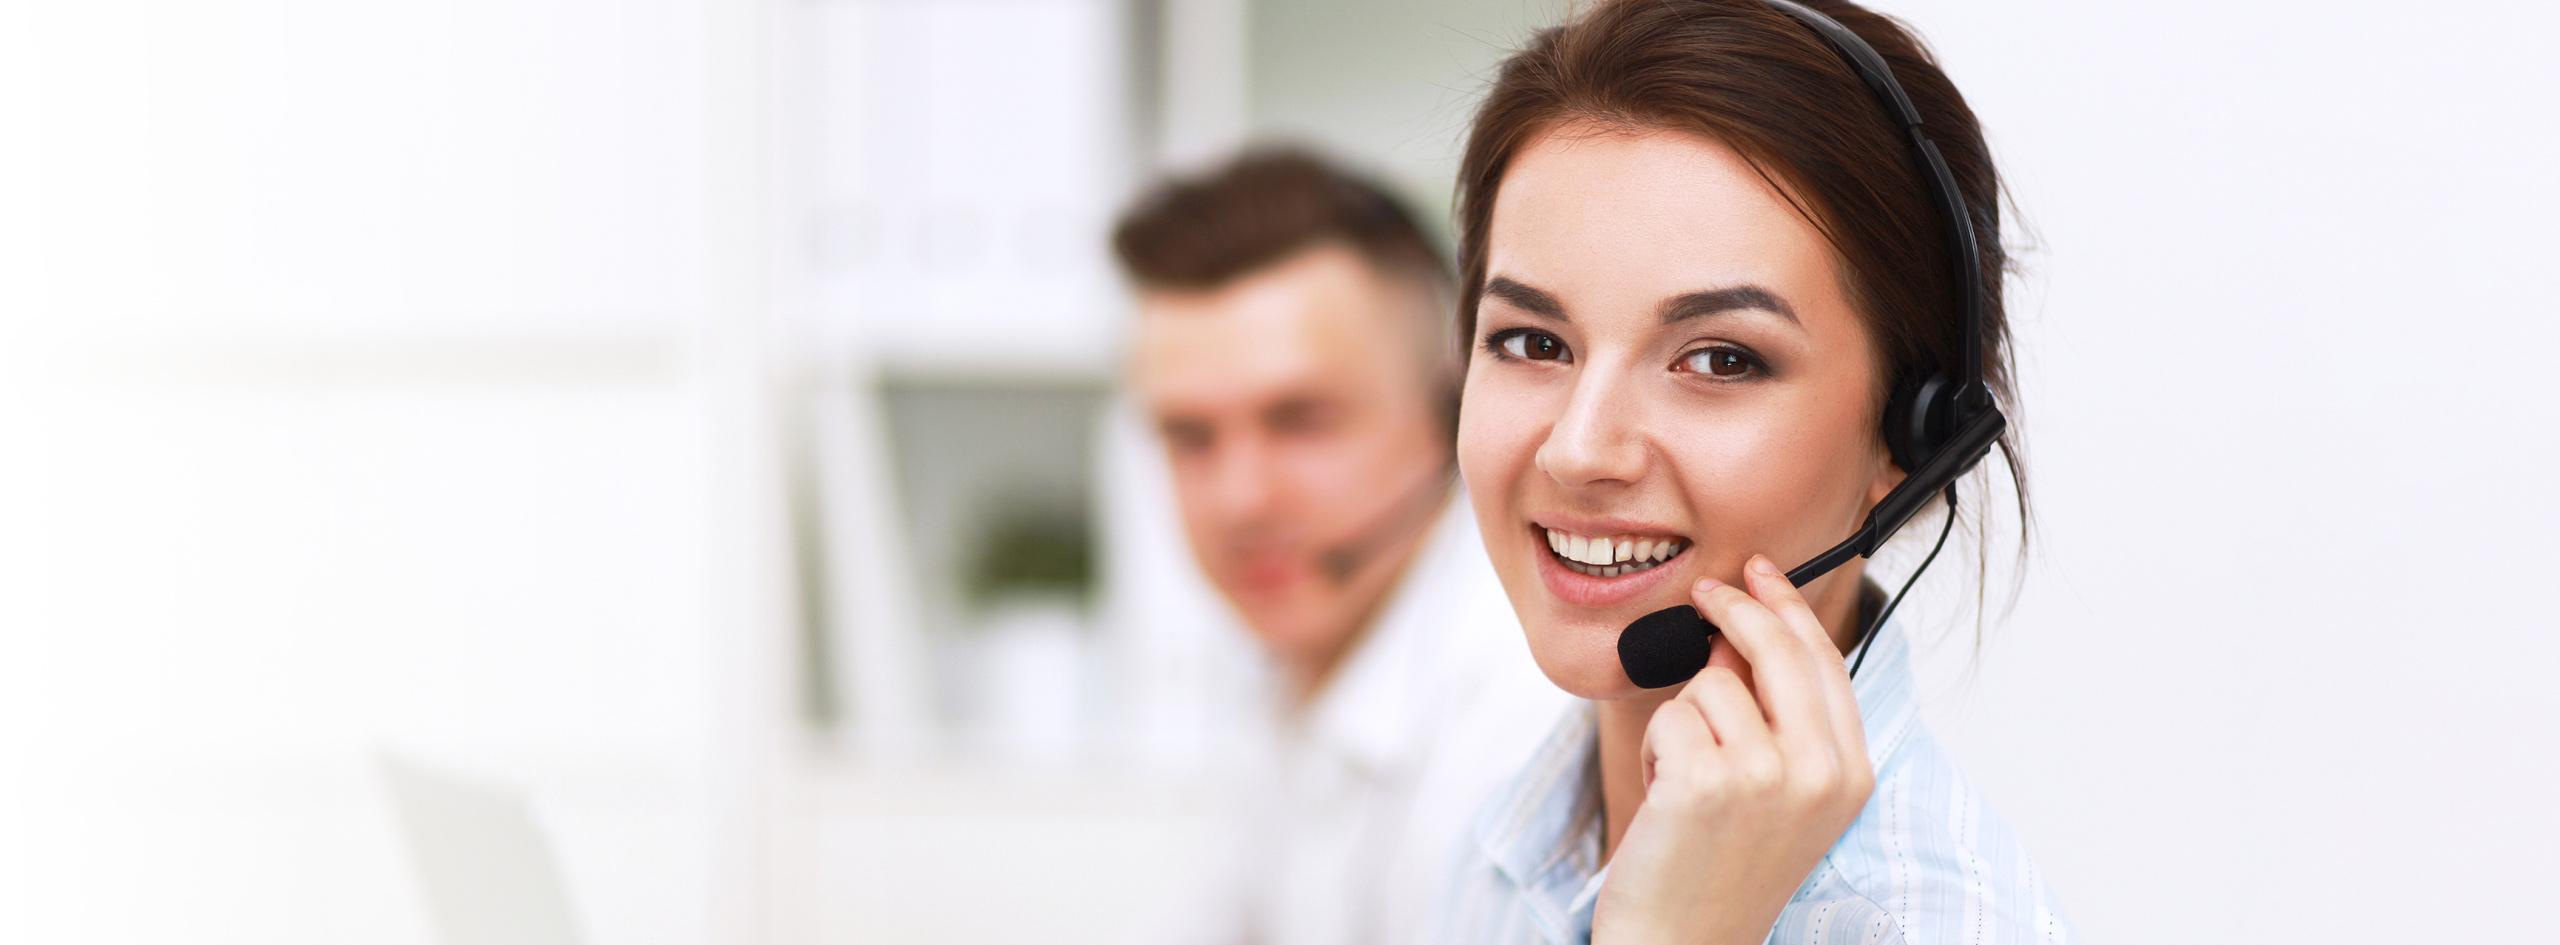 Kundenservice verbessern Seminar